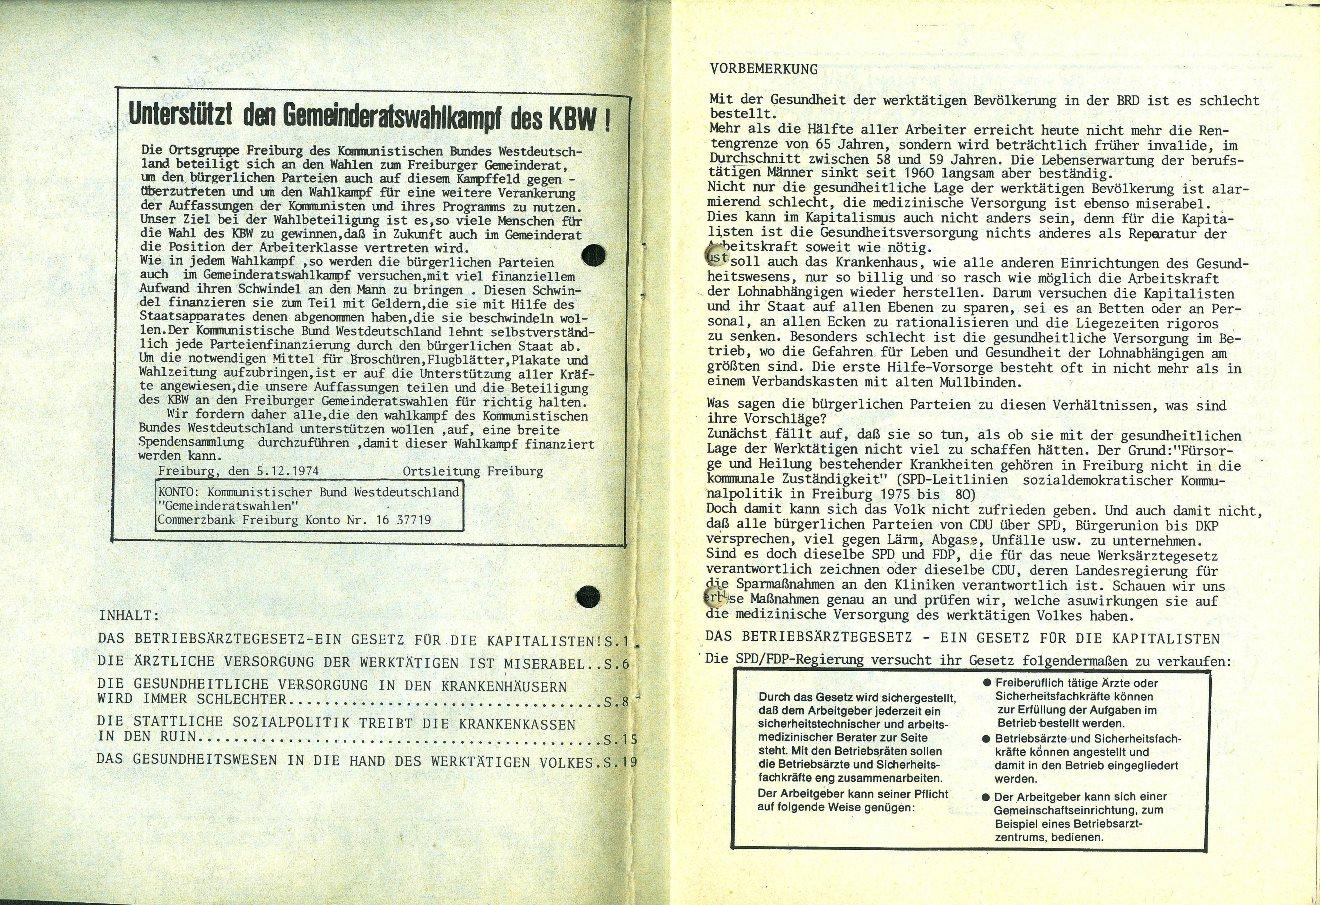 Freiburg_KBW_1975_Gesundheitswesen002